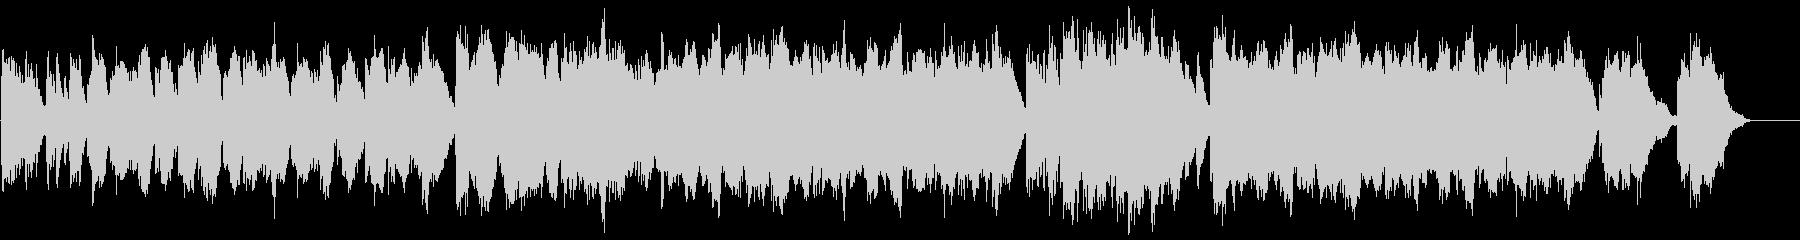 ピアノと弦楽器であたたかなミドルバラードの未再生の波形